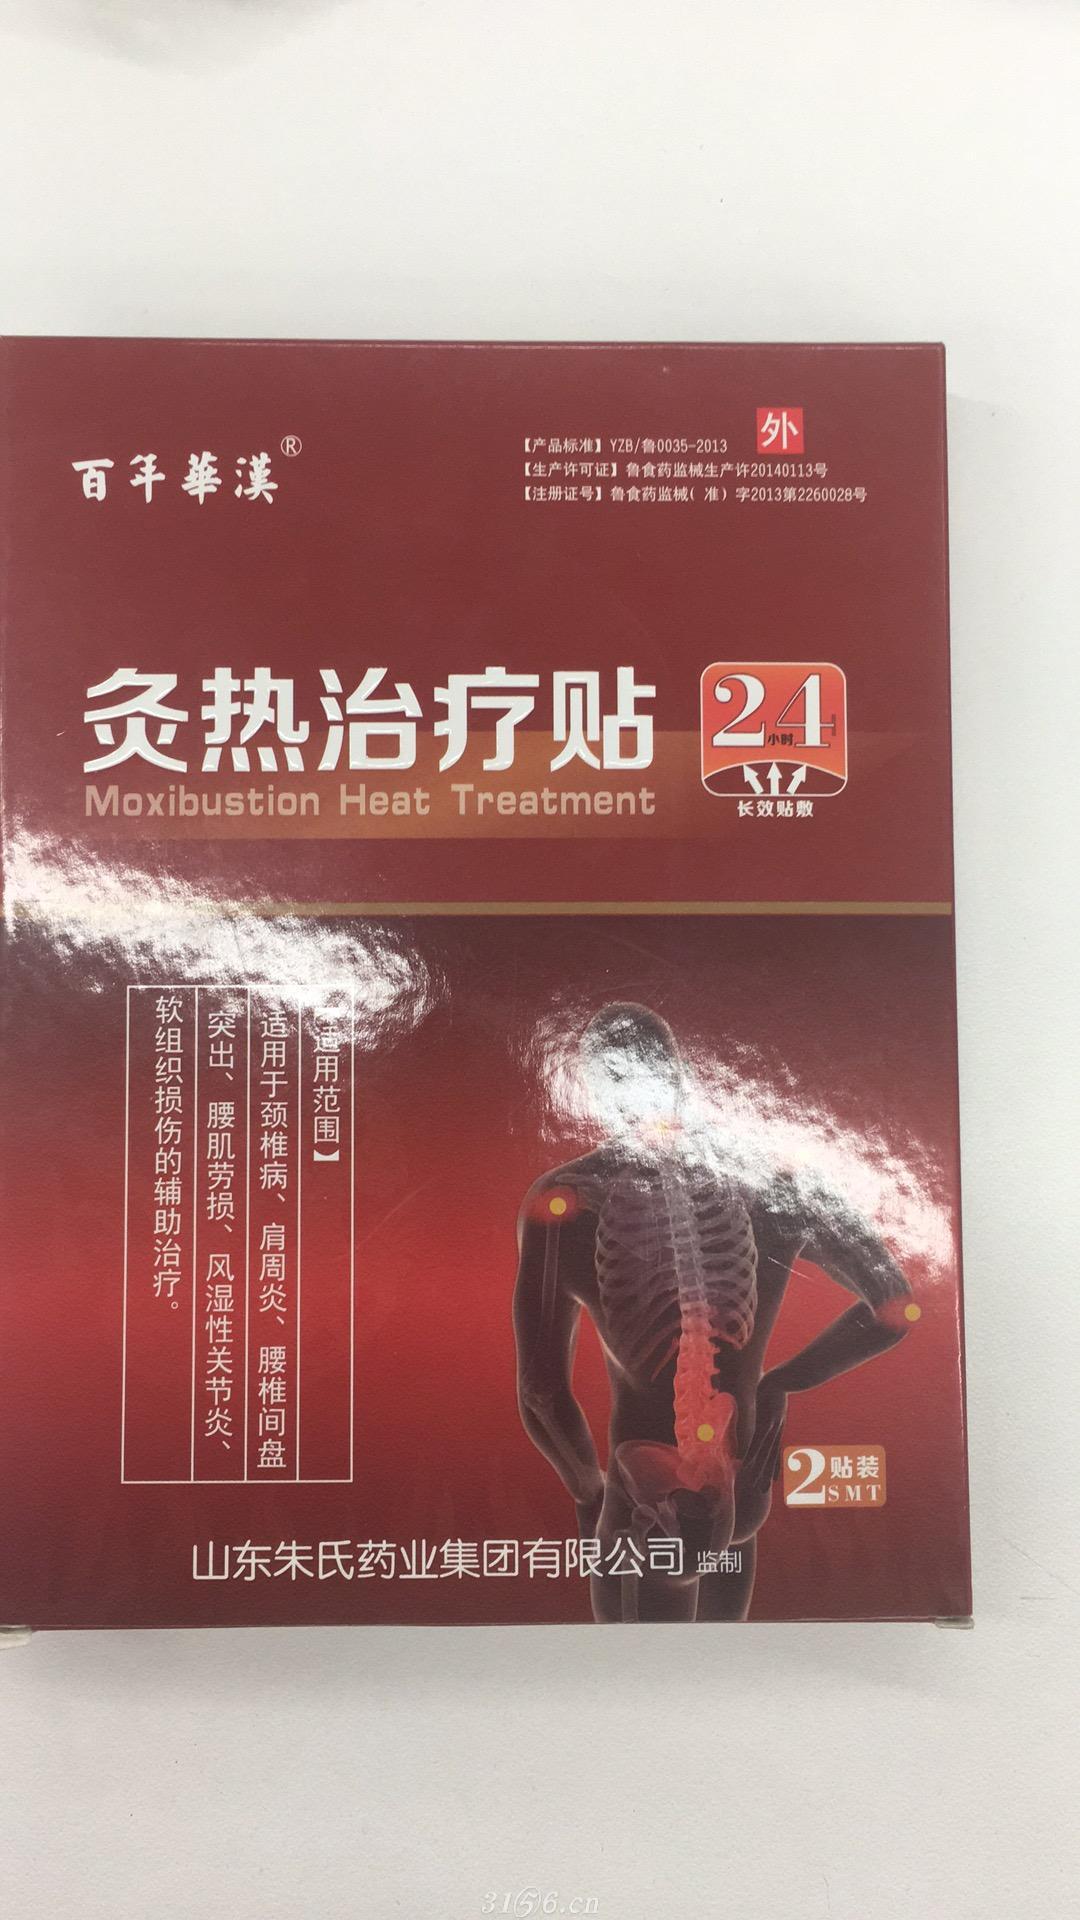 百年華漢灸熱治療貼